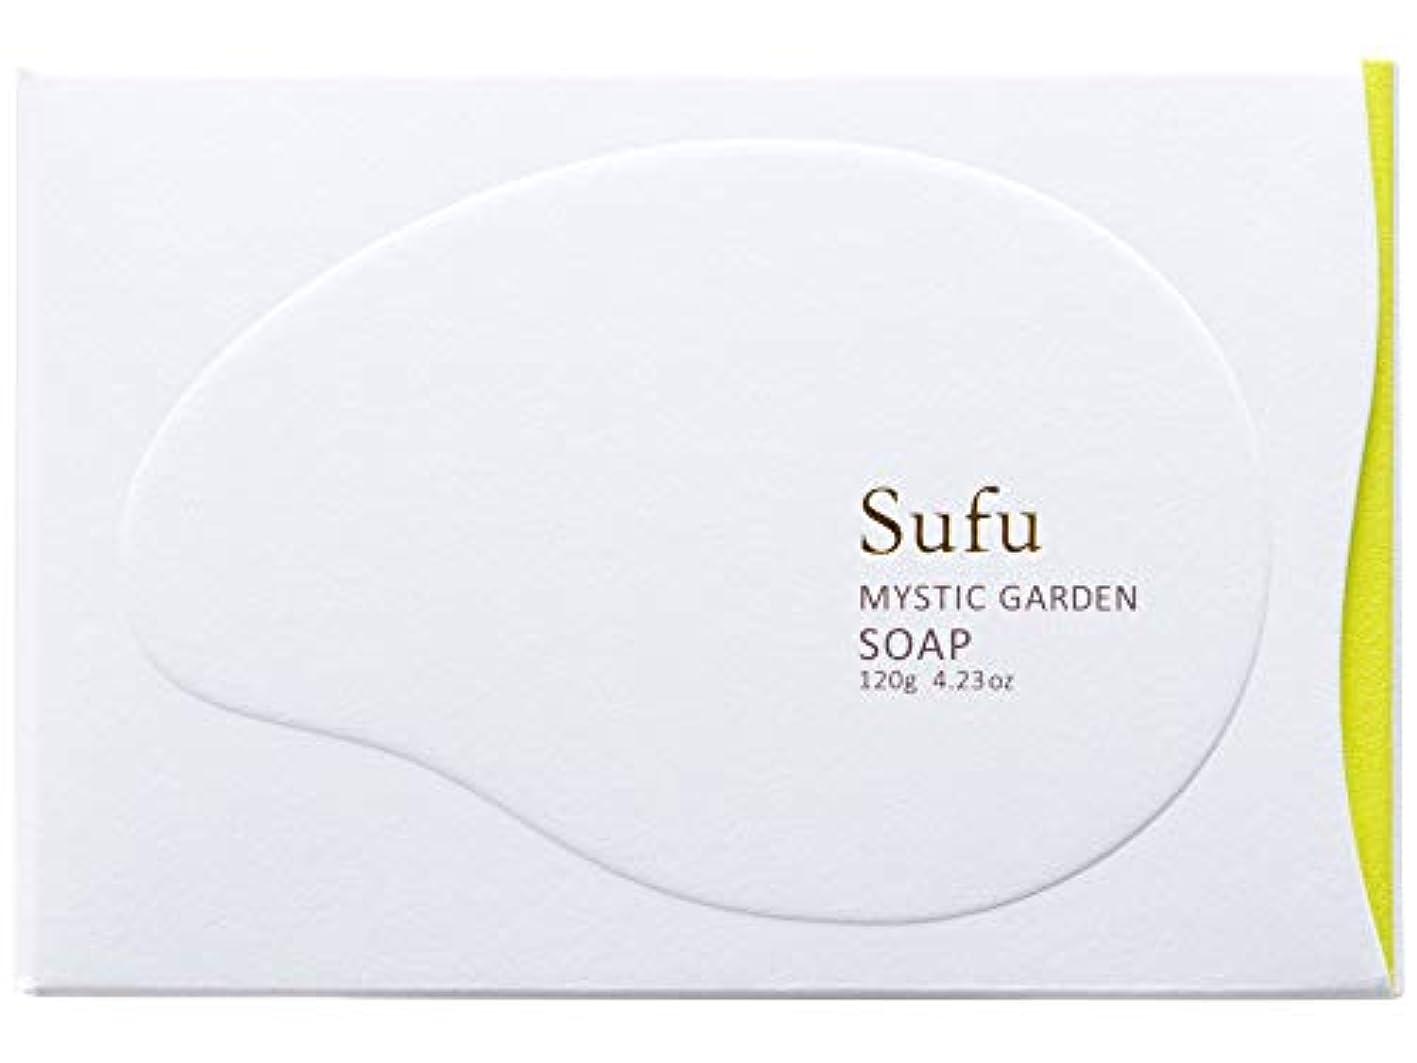 もろいオーディション時間ペリカン石鹸 Sufu ソープ ミスティックガーデン 120g